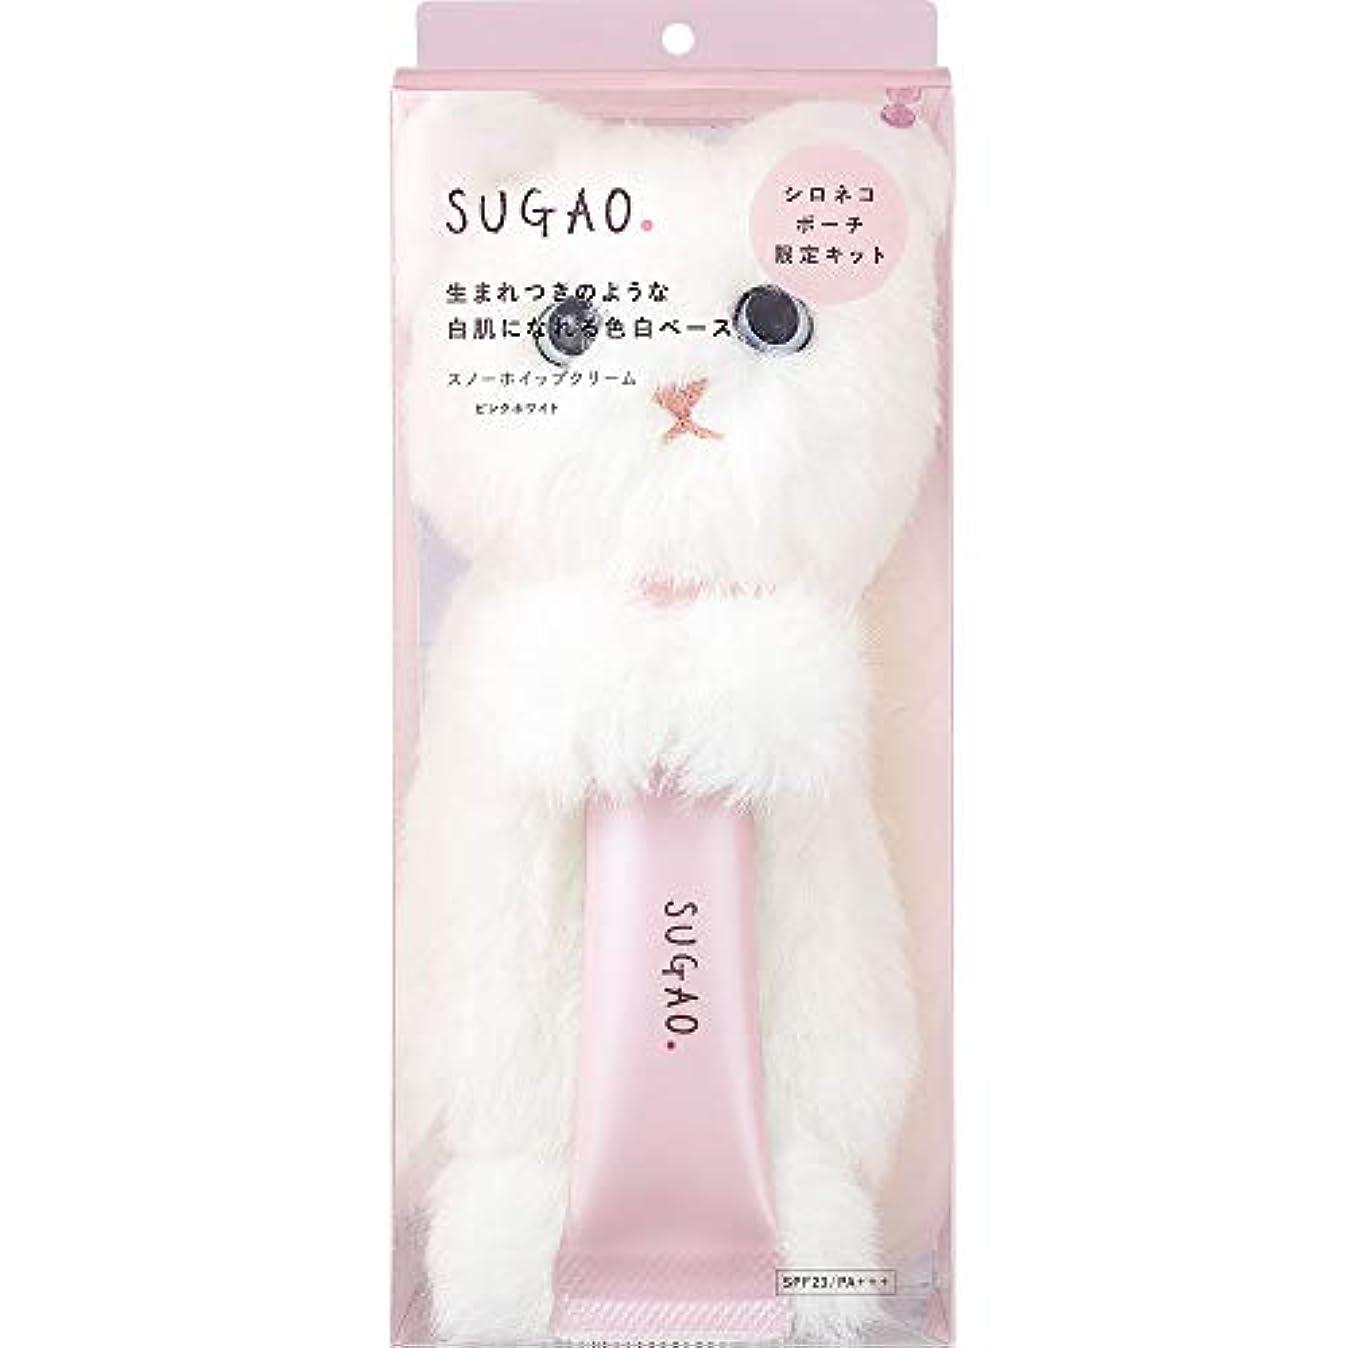 調子定数ショップスガオ (SUGAO) 化粧下地 スノーホイップクリーム シロネコポーチ付き